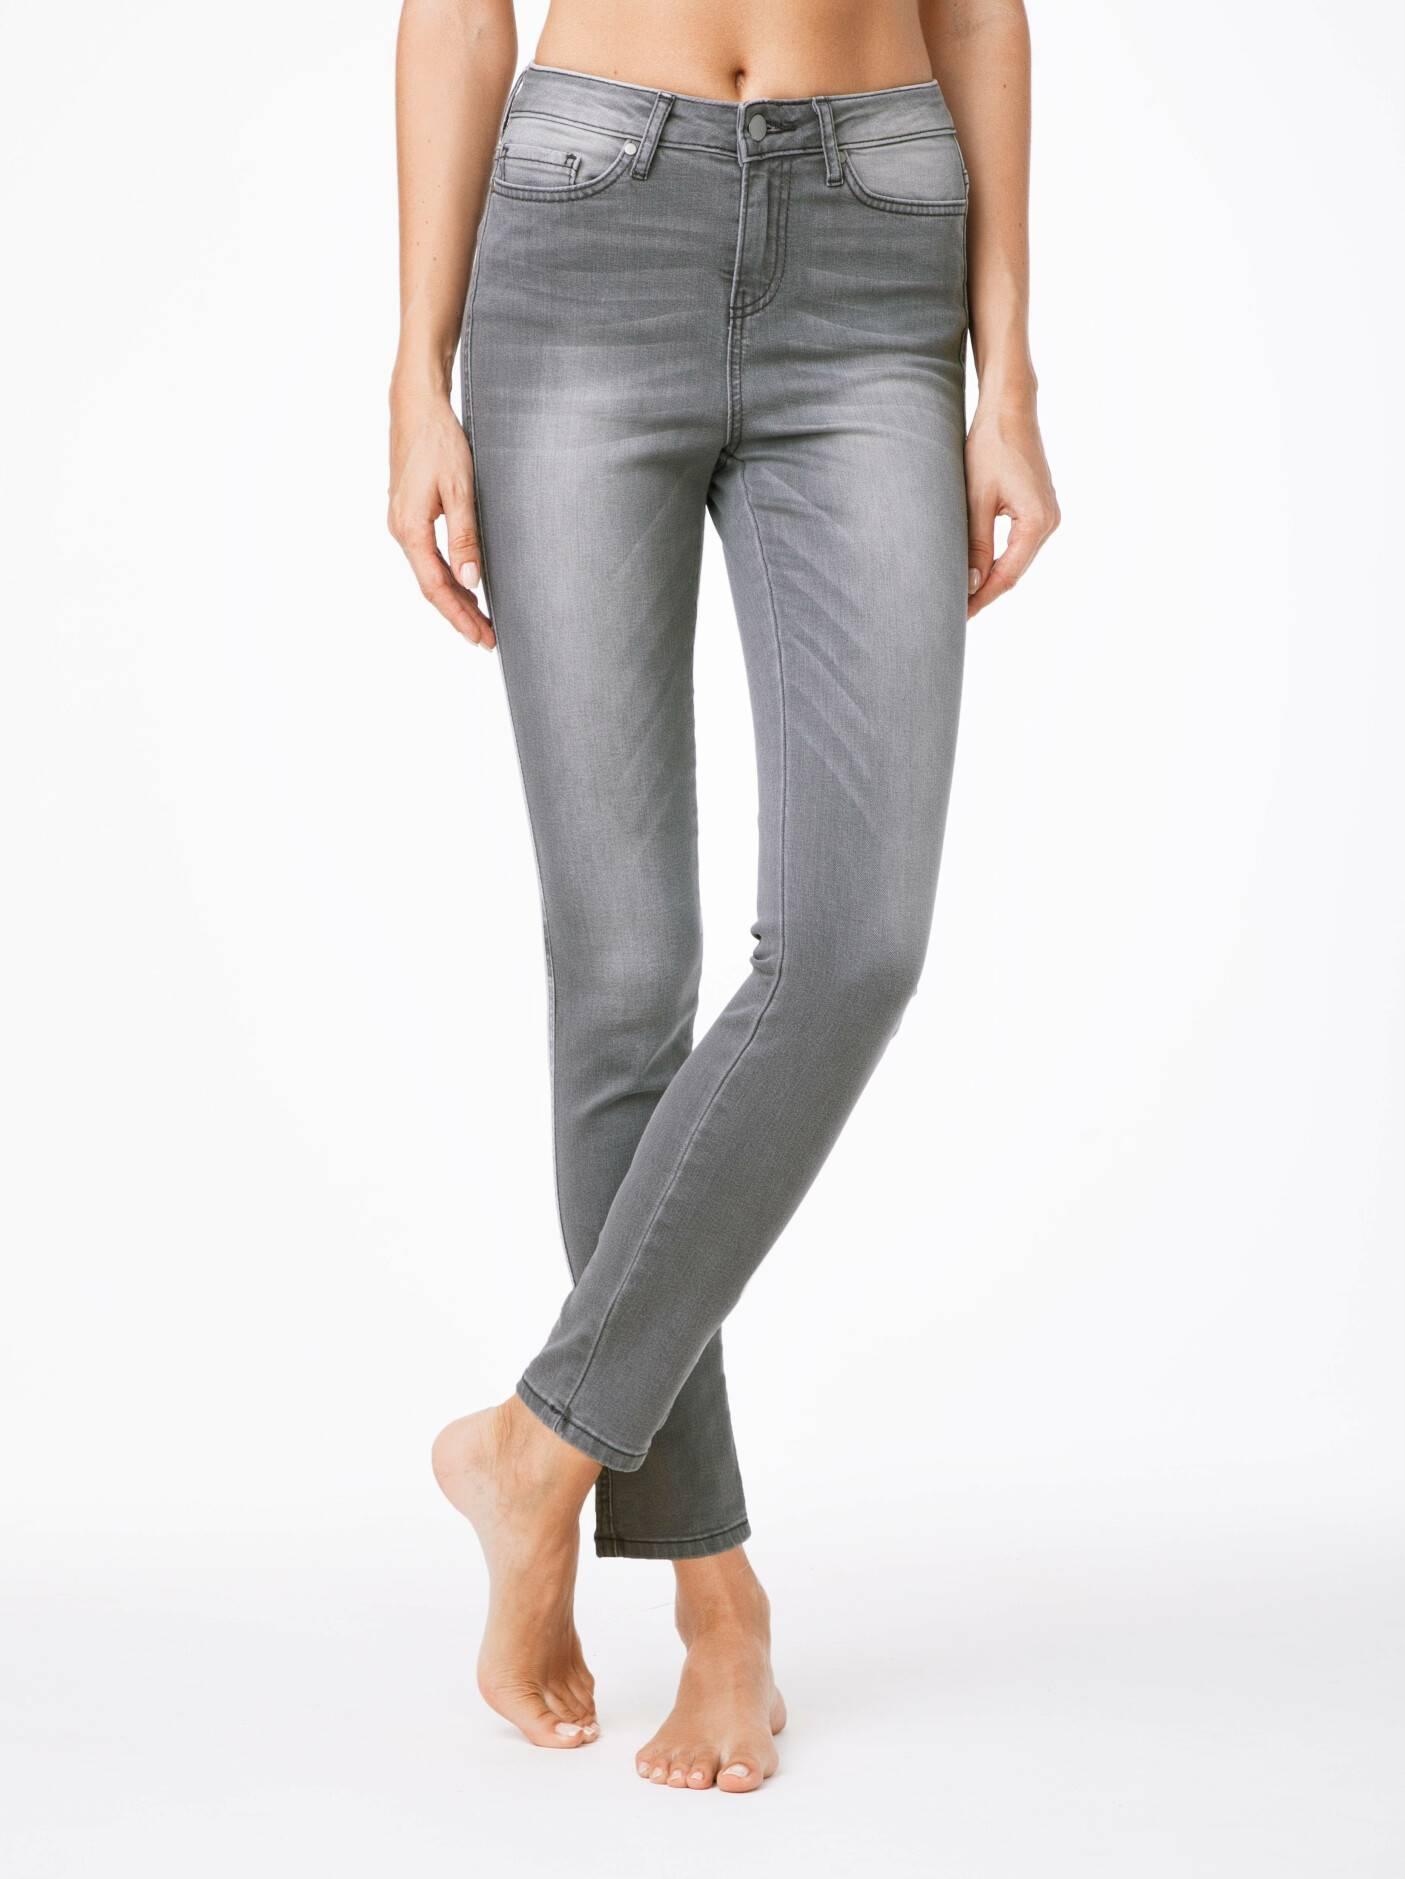 Можно ли поменять джинсы если размер не подошел